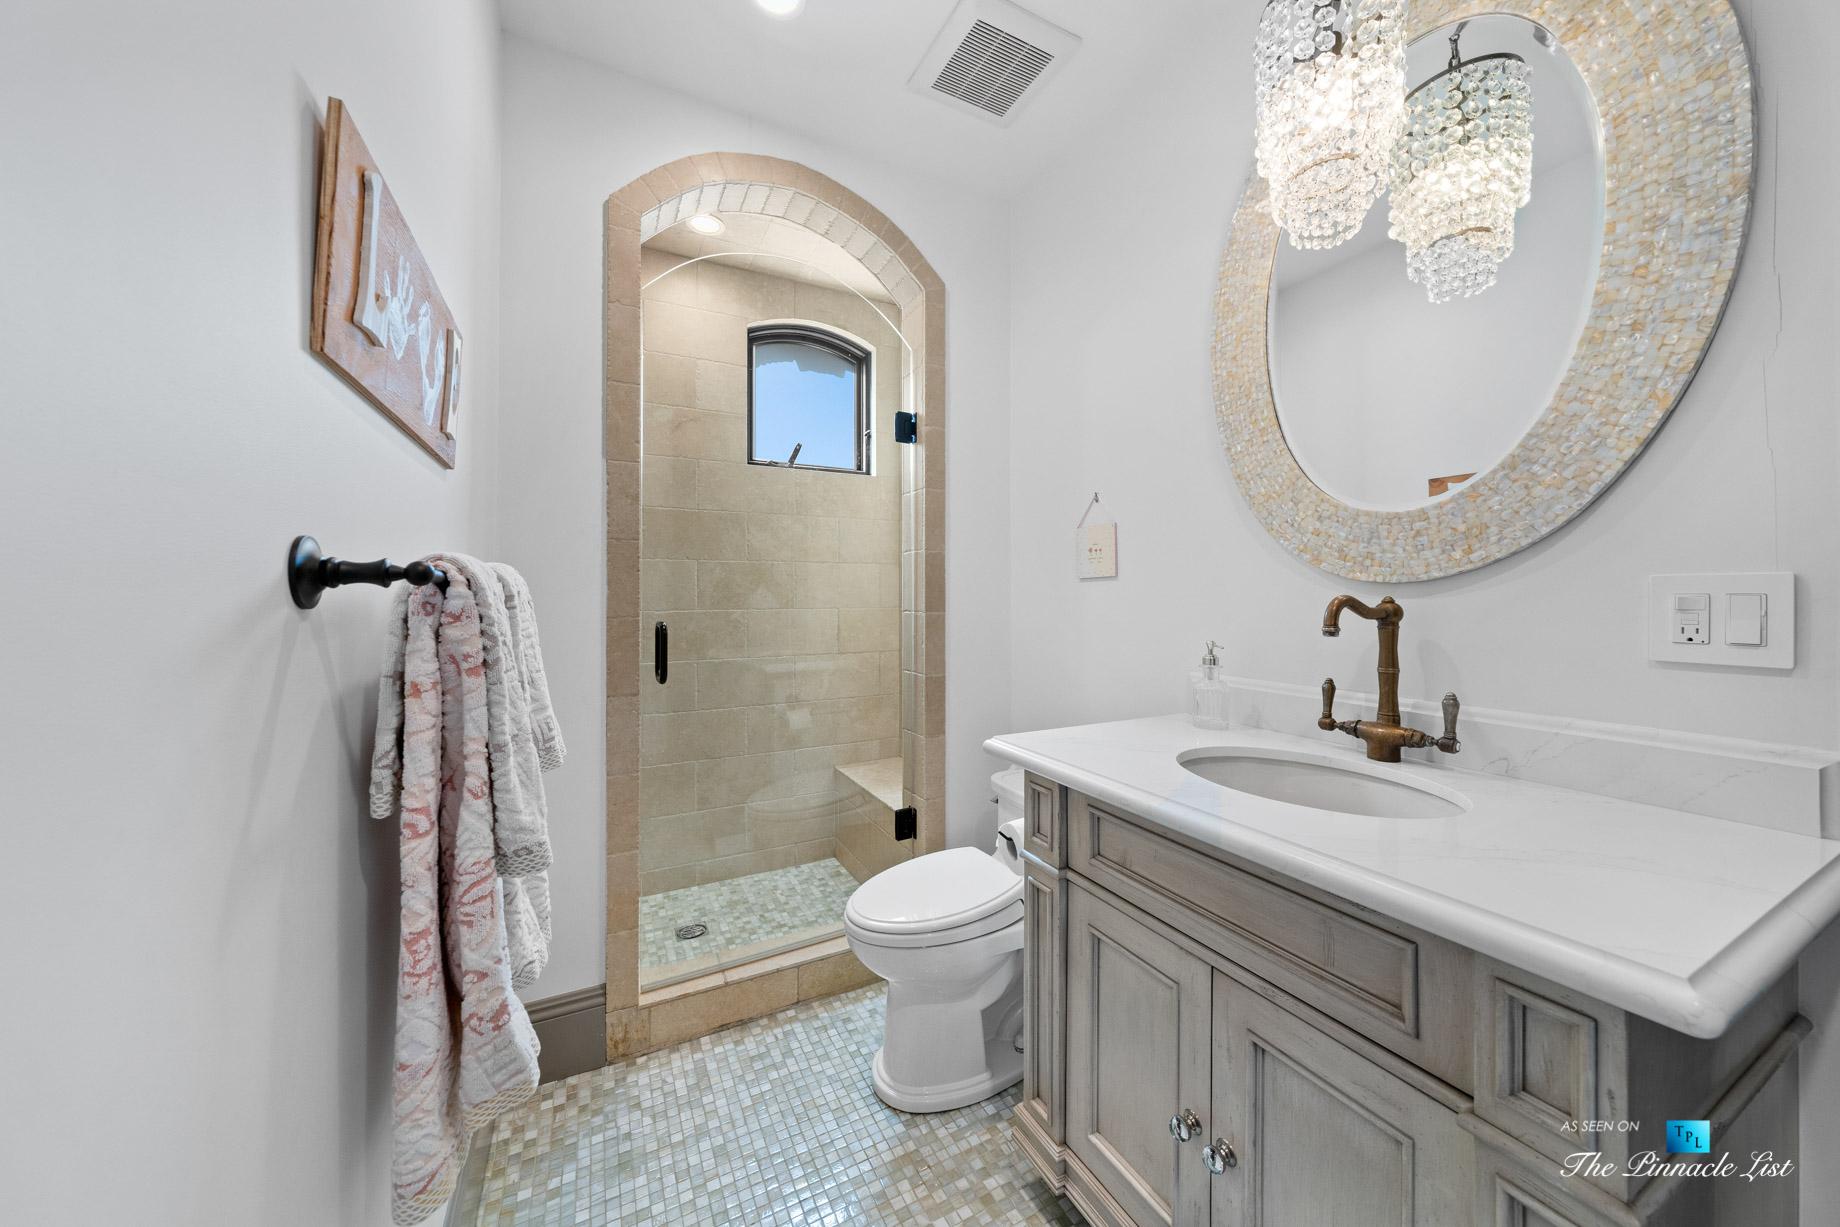 216 7th St, Manhattan Beach, CA, USA – Luxury Real Estate – Coastal Villa Home – Bathroom